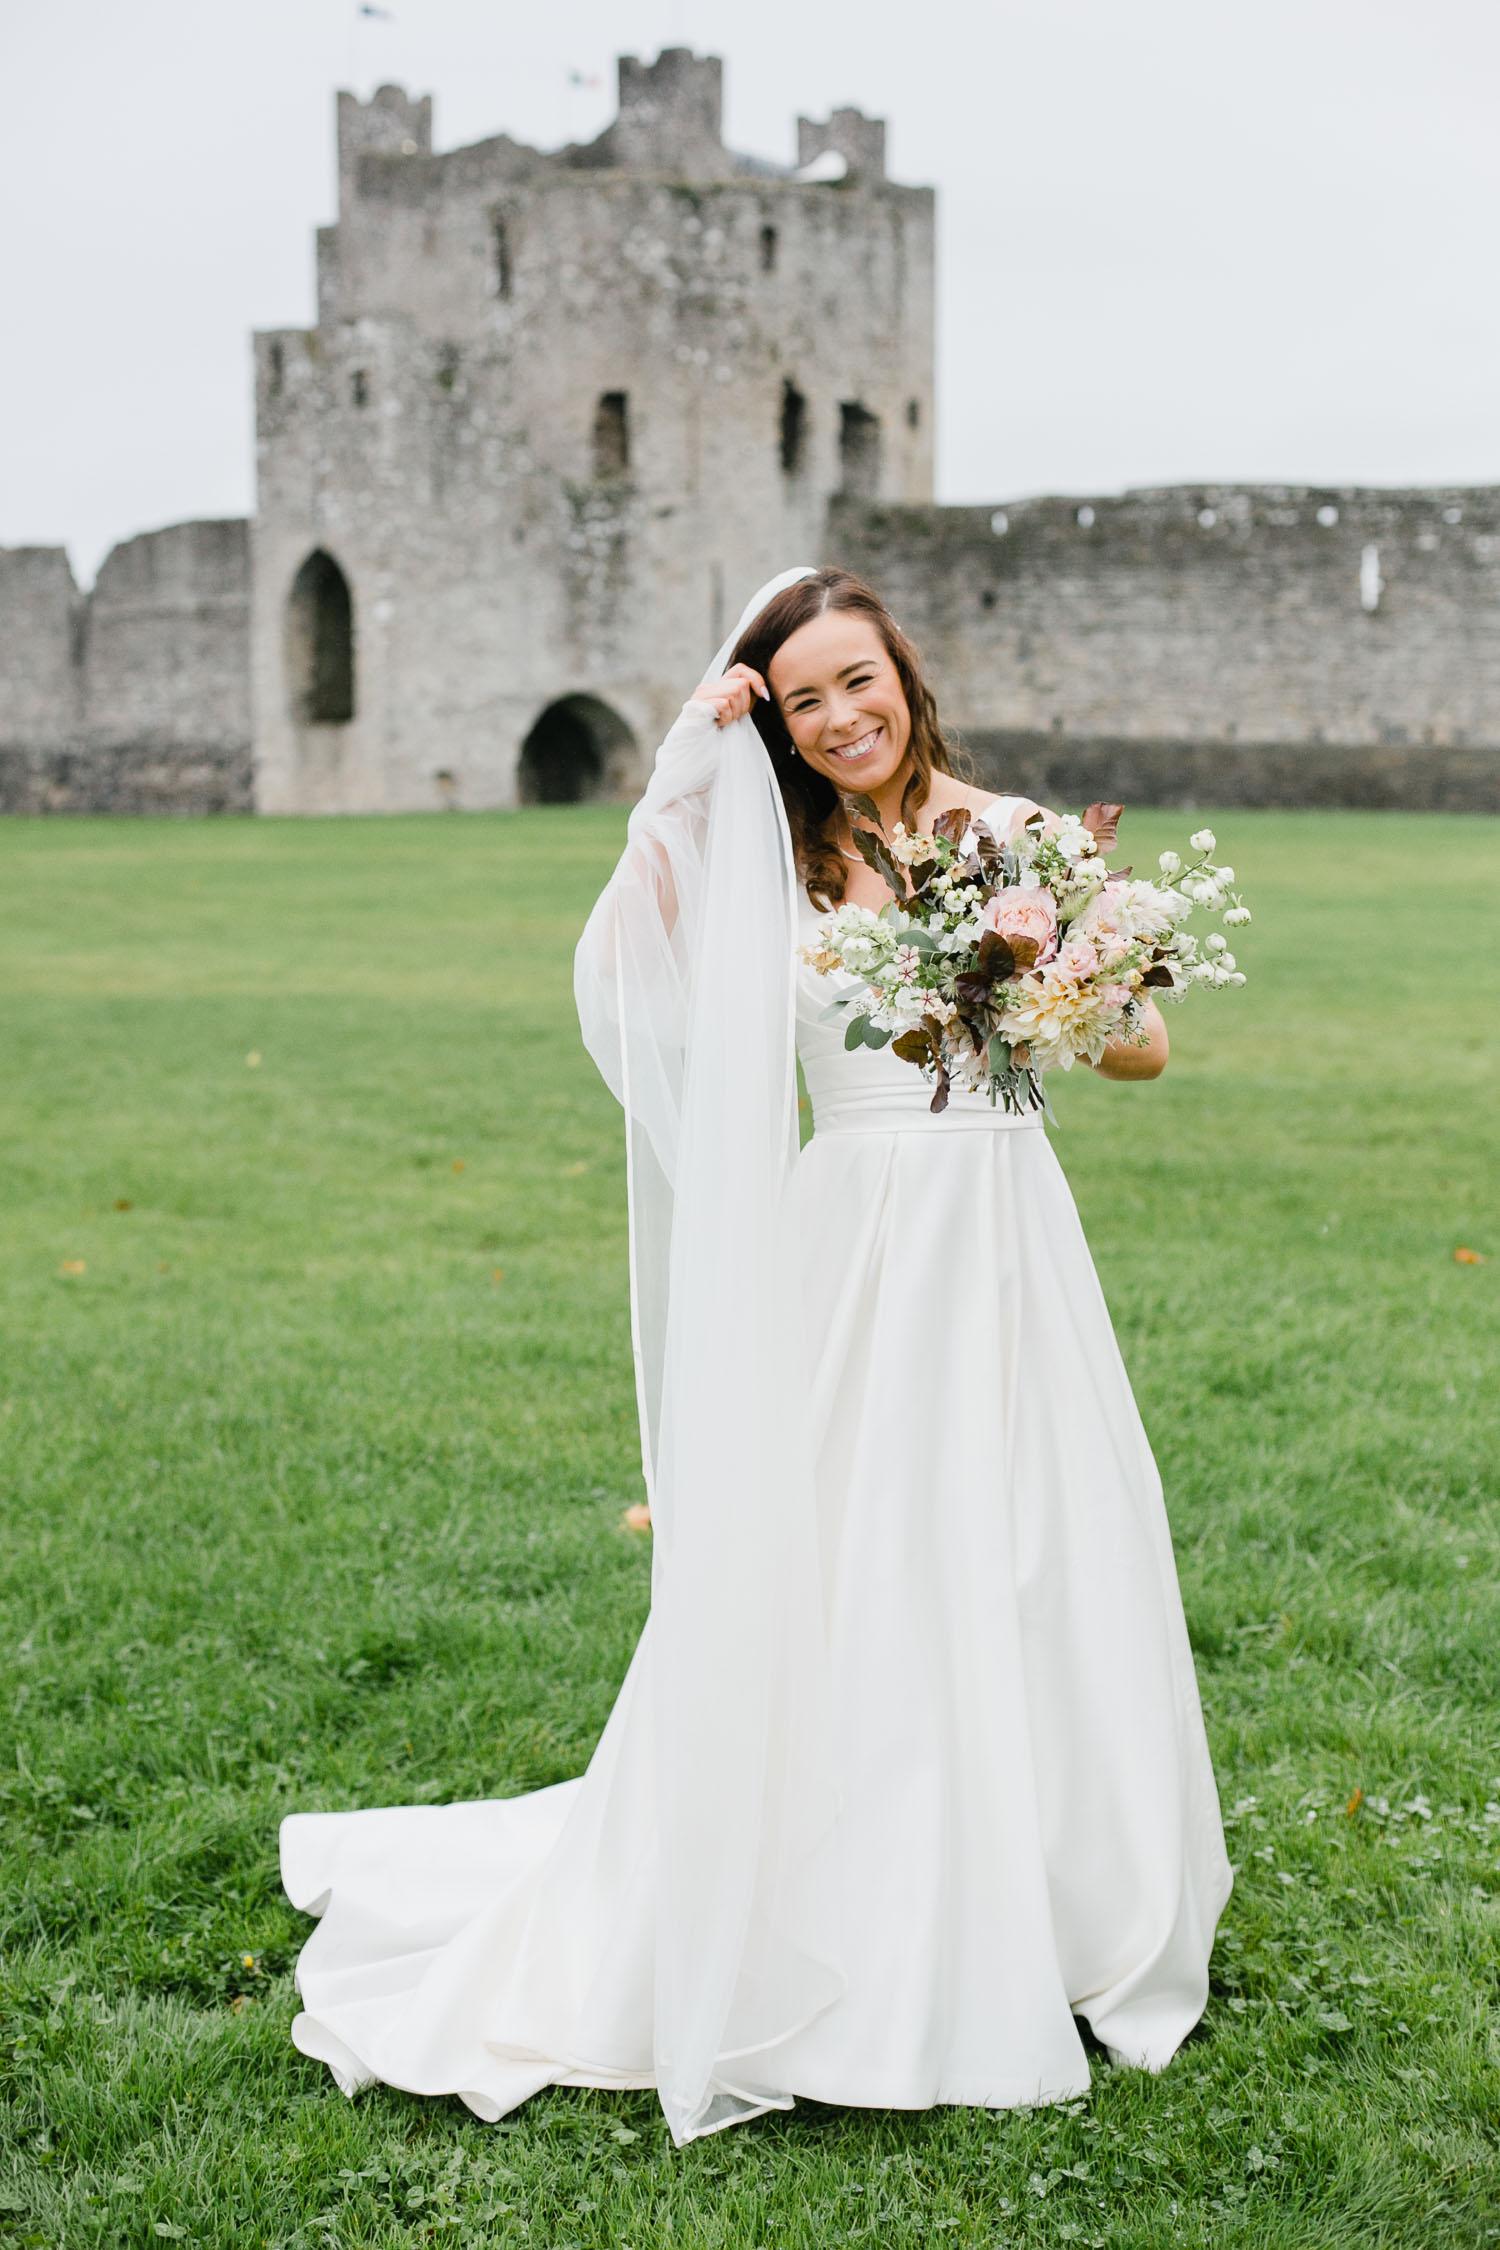 Natural Bridal Portraits Ireland